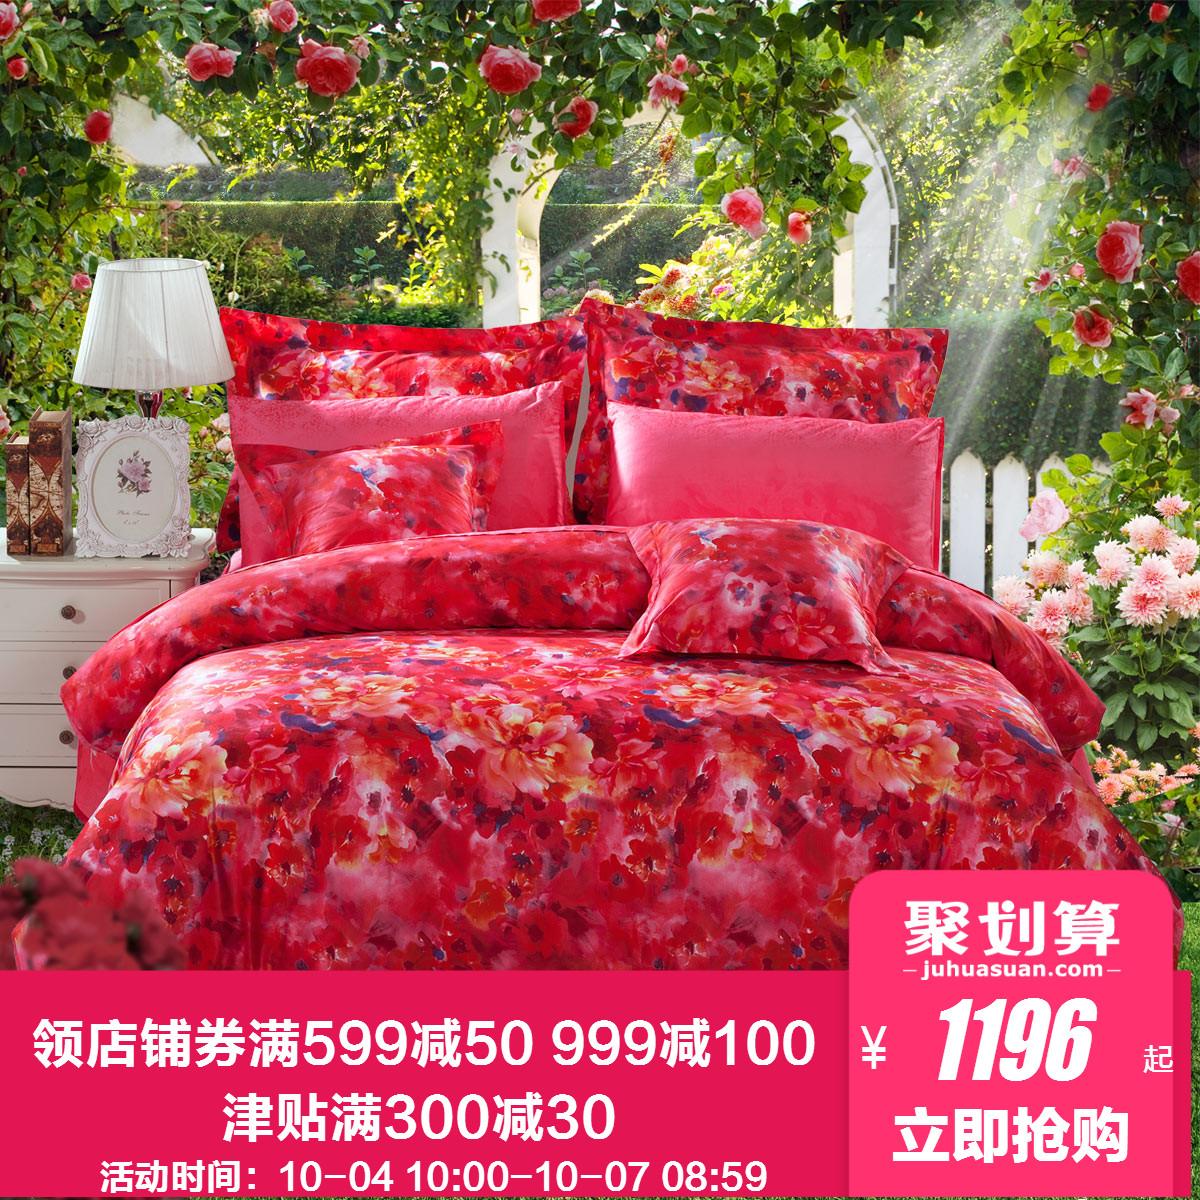 水星家纺婚庆八件套60x40支长绒棉结婚大红套件花样喜悦床上用品